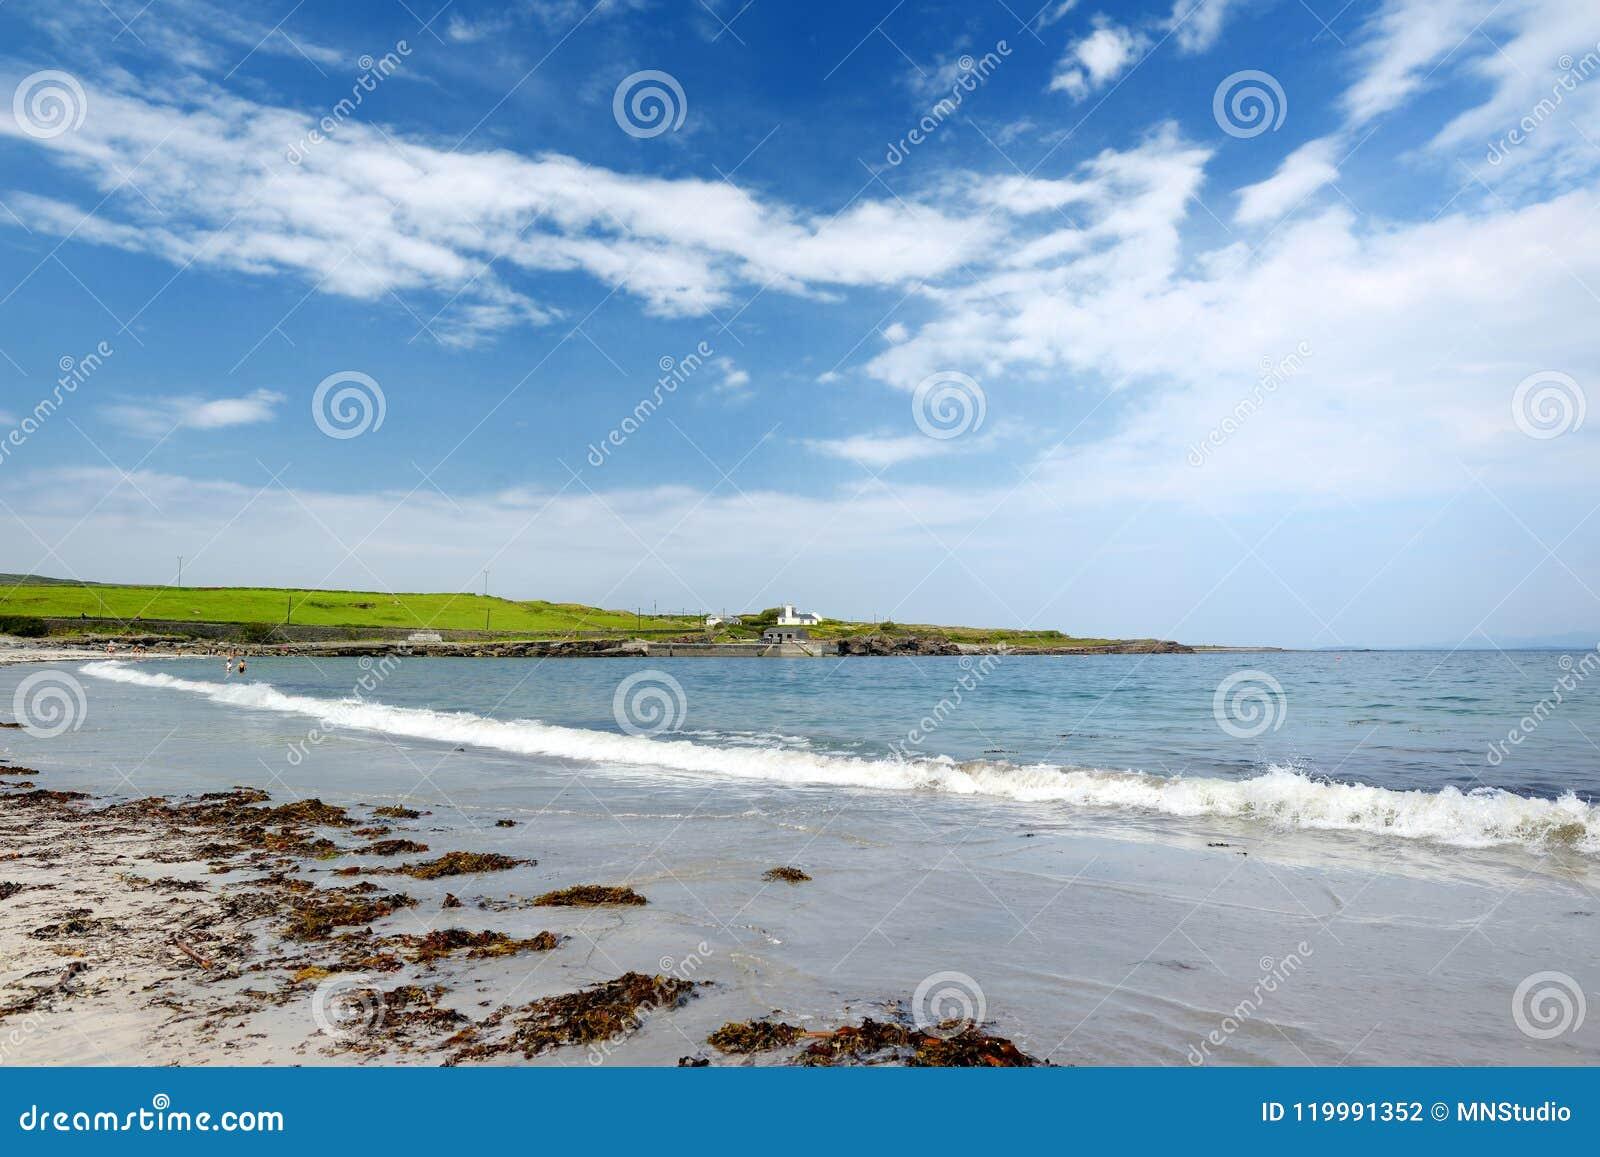 Beach on inishmore